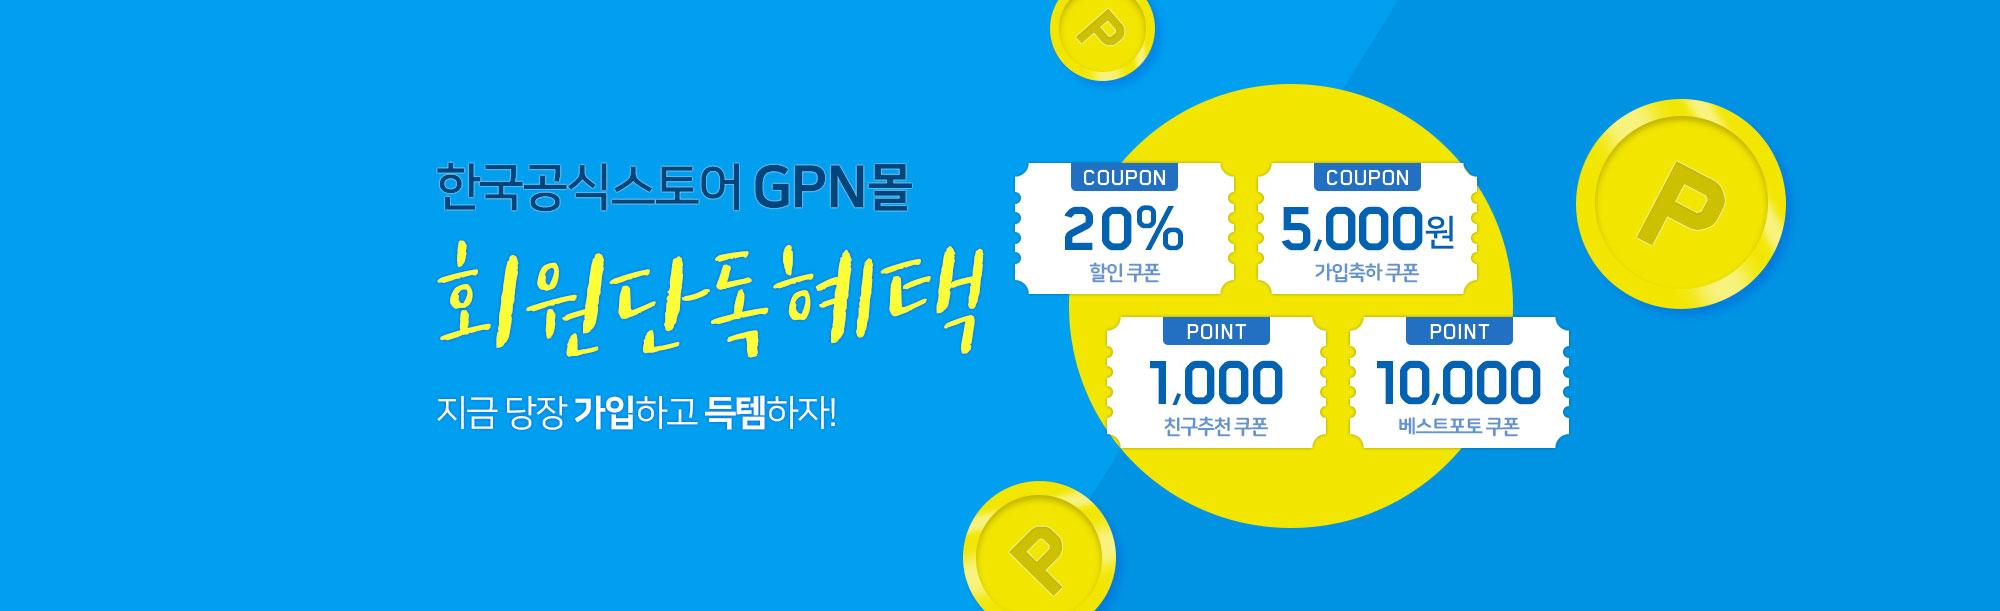 옵티멈뉴트리션 BSN 신타6 한국공식스토어 GPN몰 이벤트 프로모션 배너4